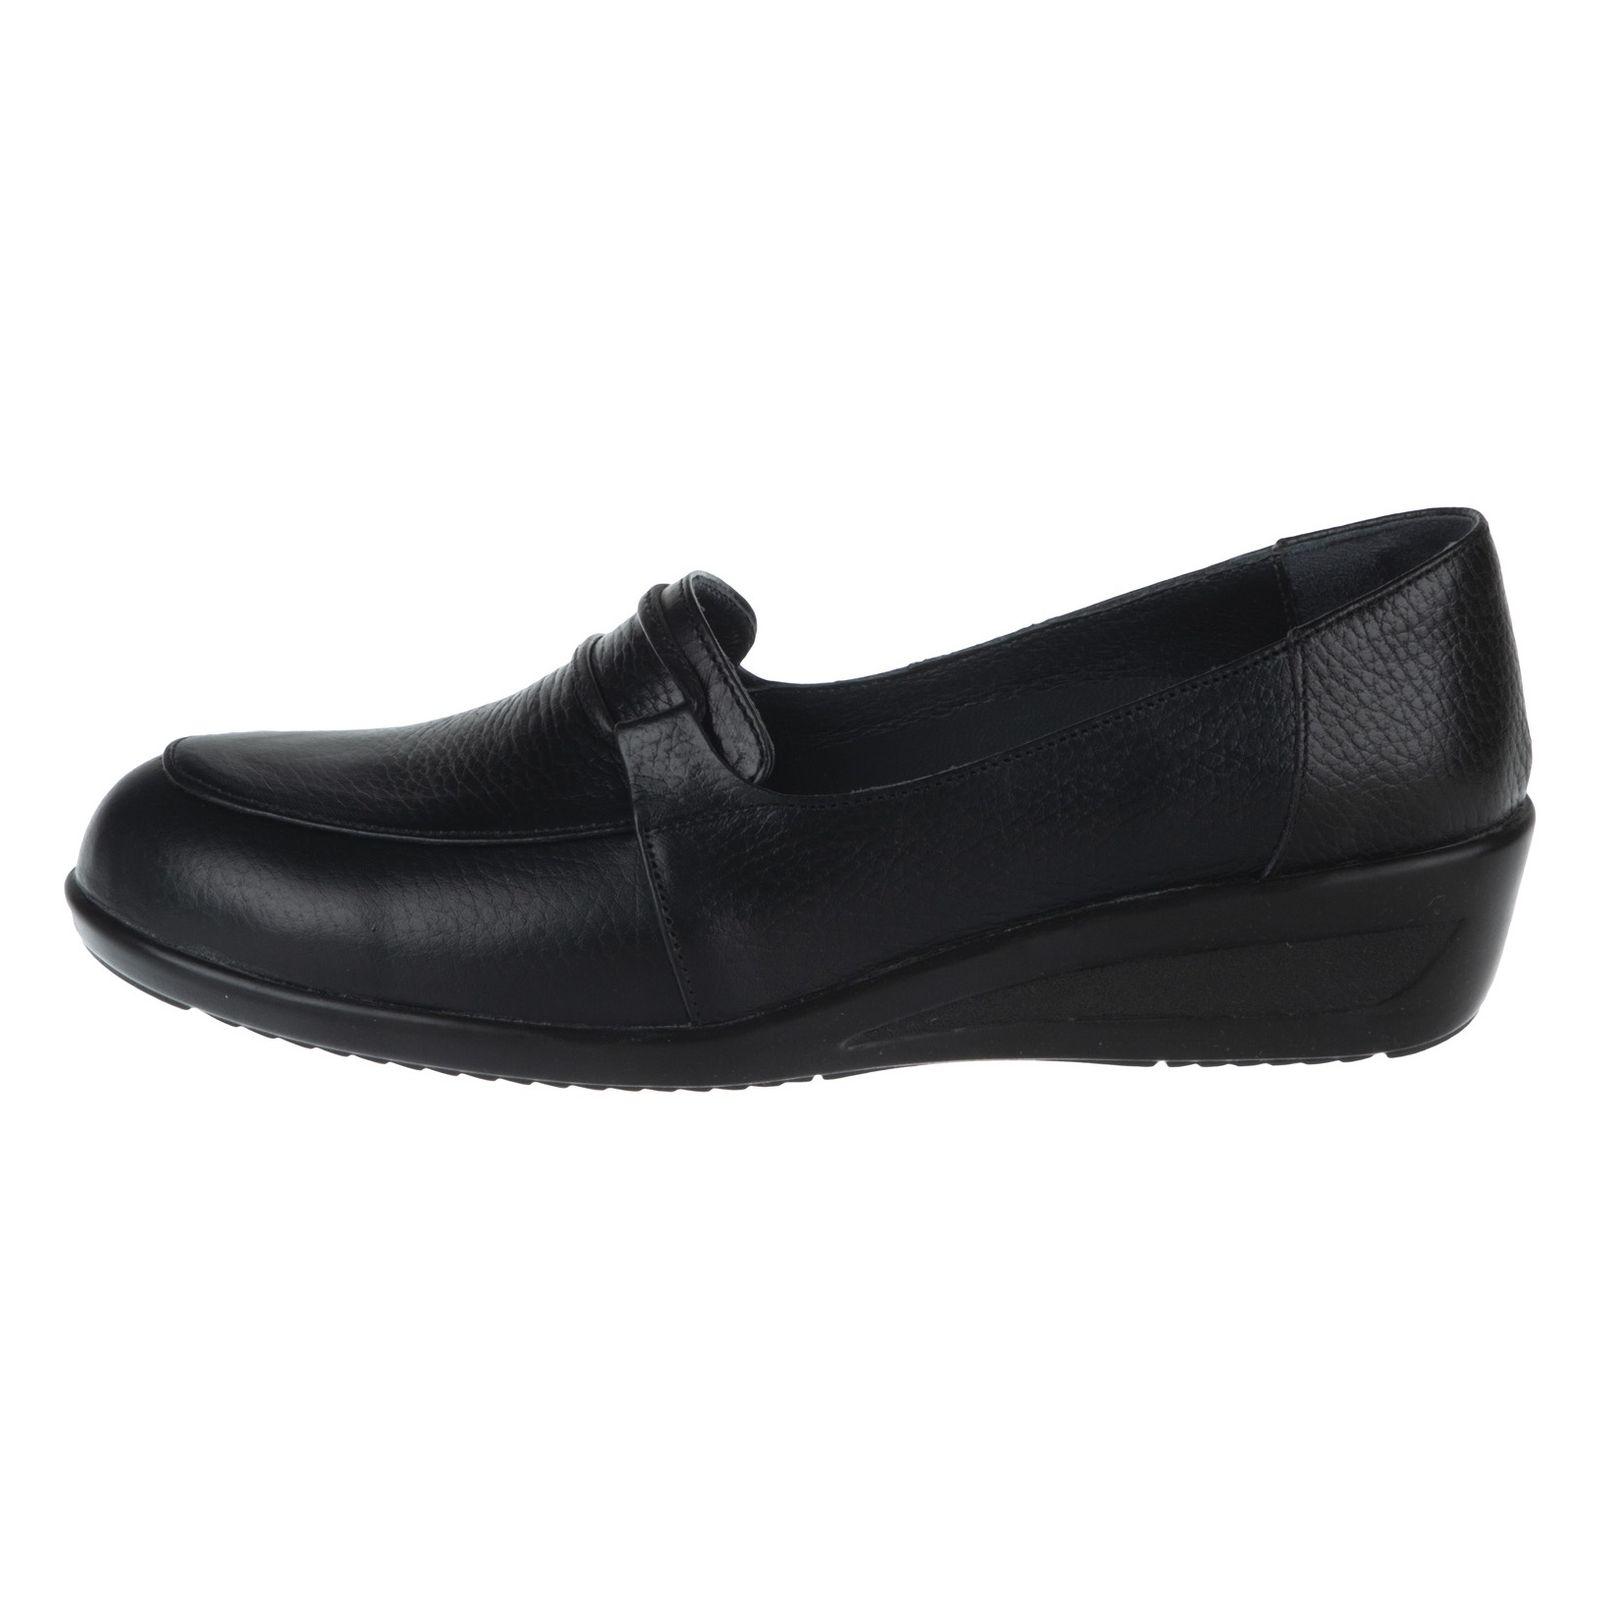 کفش روزمره زنانه شیفر مدل 5279A-101 - مشکی - 3